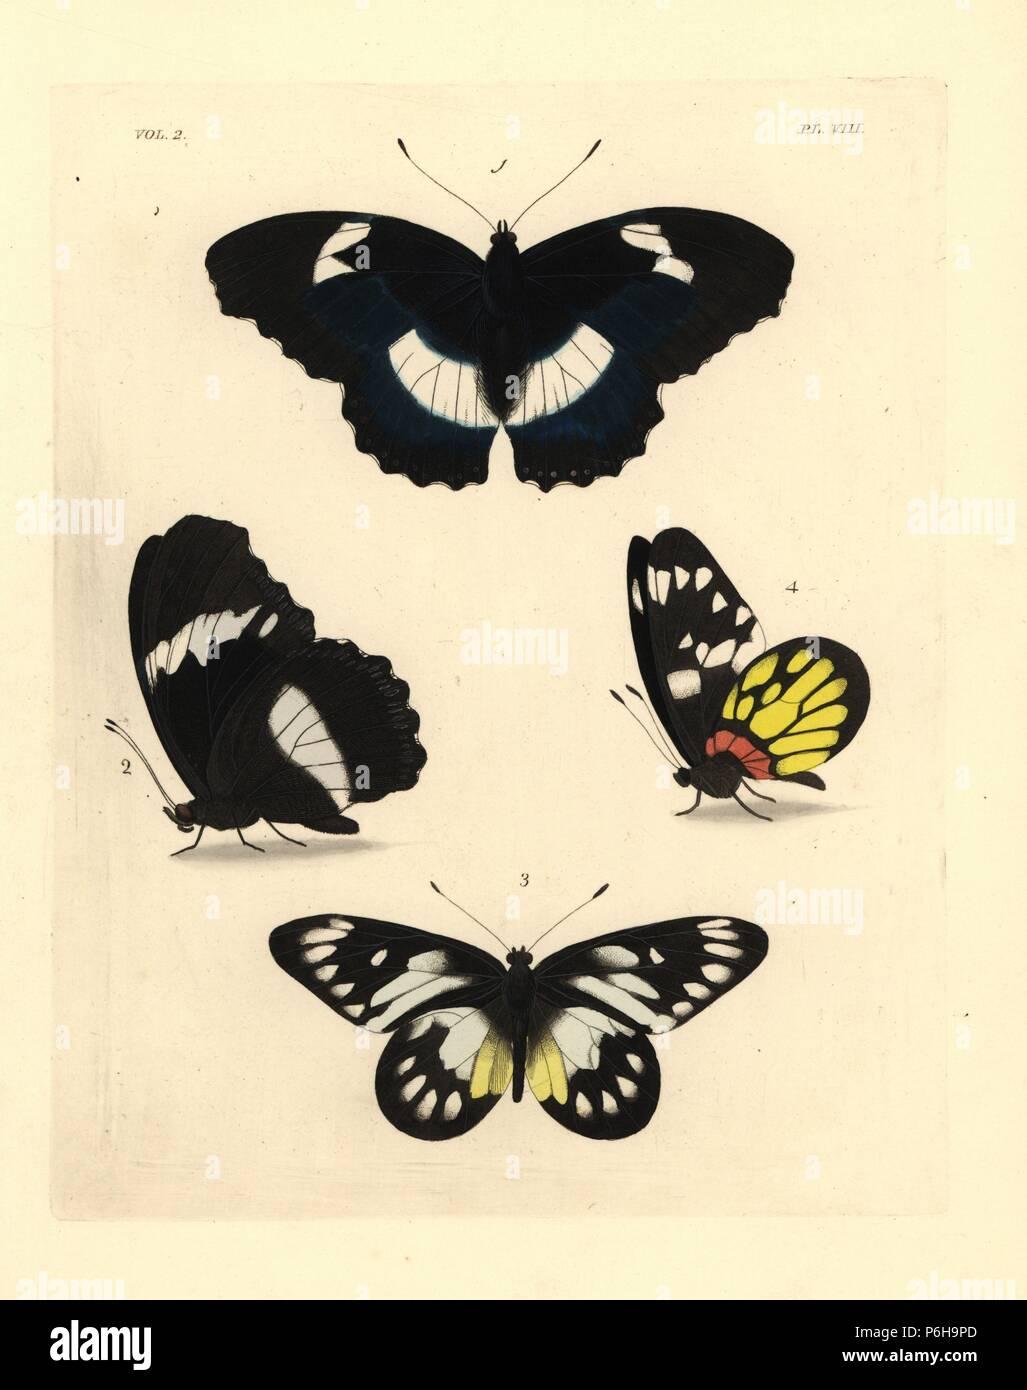 Blue Butterfly diadem, Hypolimnas salmacis (Nymphalis salmacis) 1,2, ventrale e dorsale, e redbase jezebel, Delias pasithoe (Sarcococca pasithoe) 3,4. Handcolored litografia dal John O. Westwood la nuova edizione di Dru Drury 'illustrazioni di Entomologia esotici,' Bohn, Londra, 1837. Foto Stock